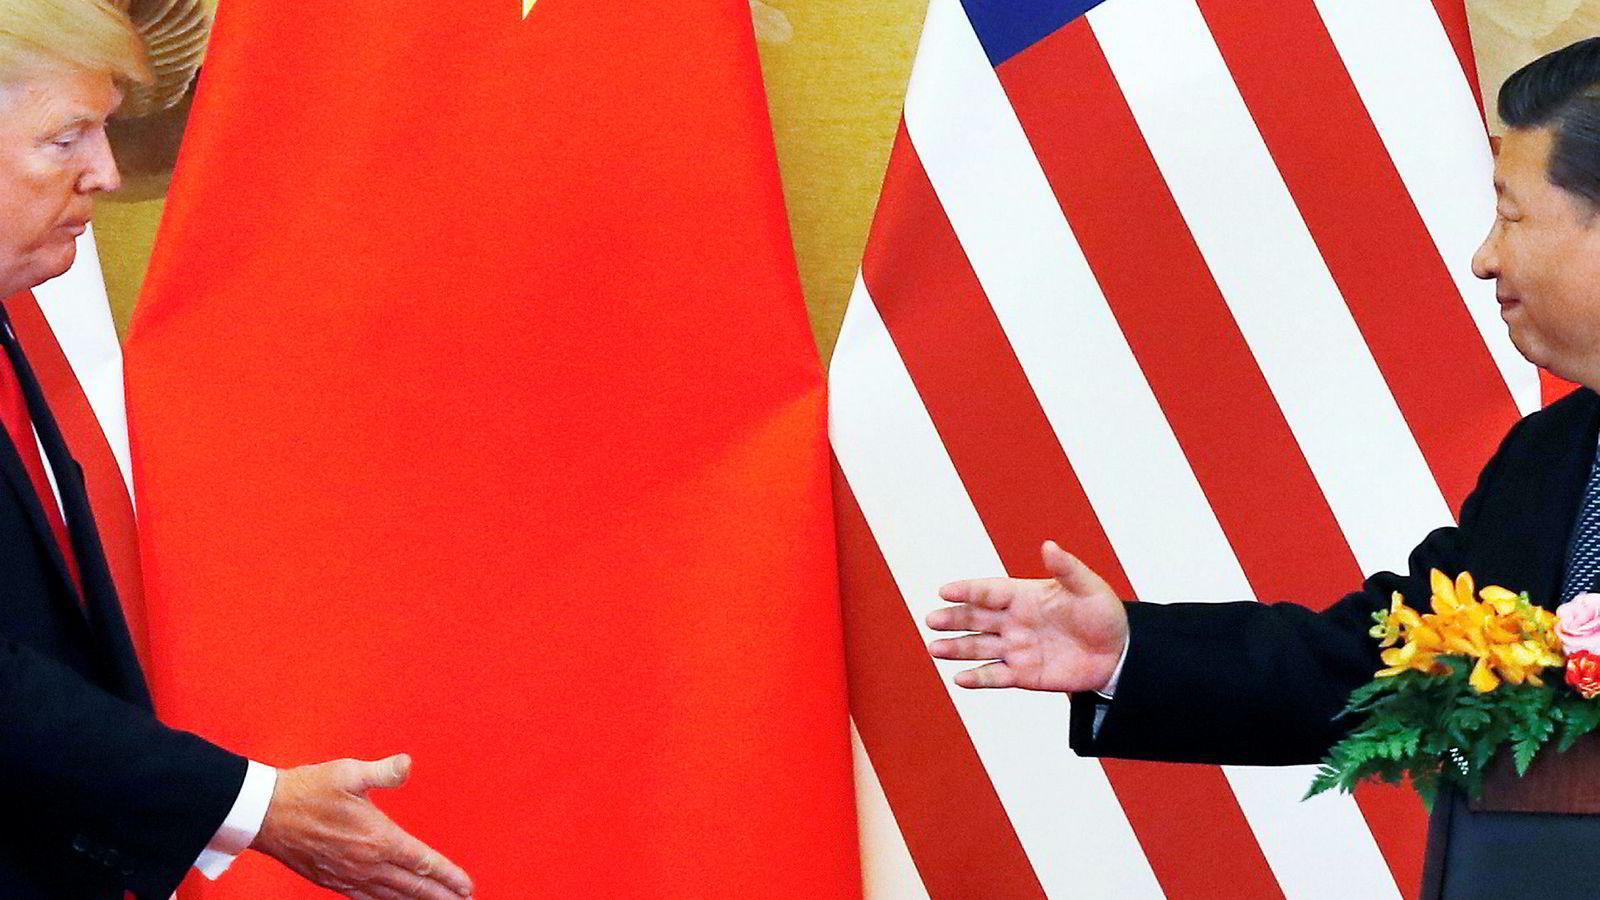 Kinas sender representanter til Washington for å diskutere en handelsavtale med USA i neste måned, opplyser amerikanske myndigheter.